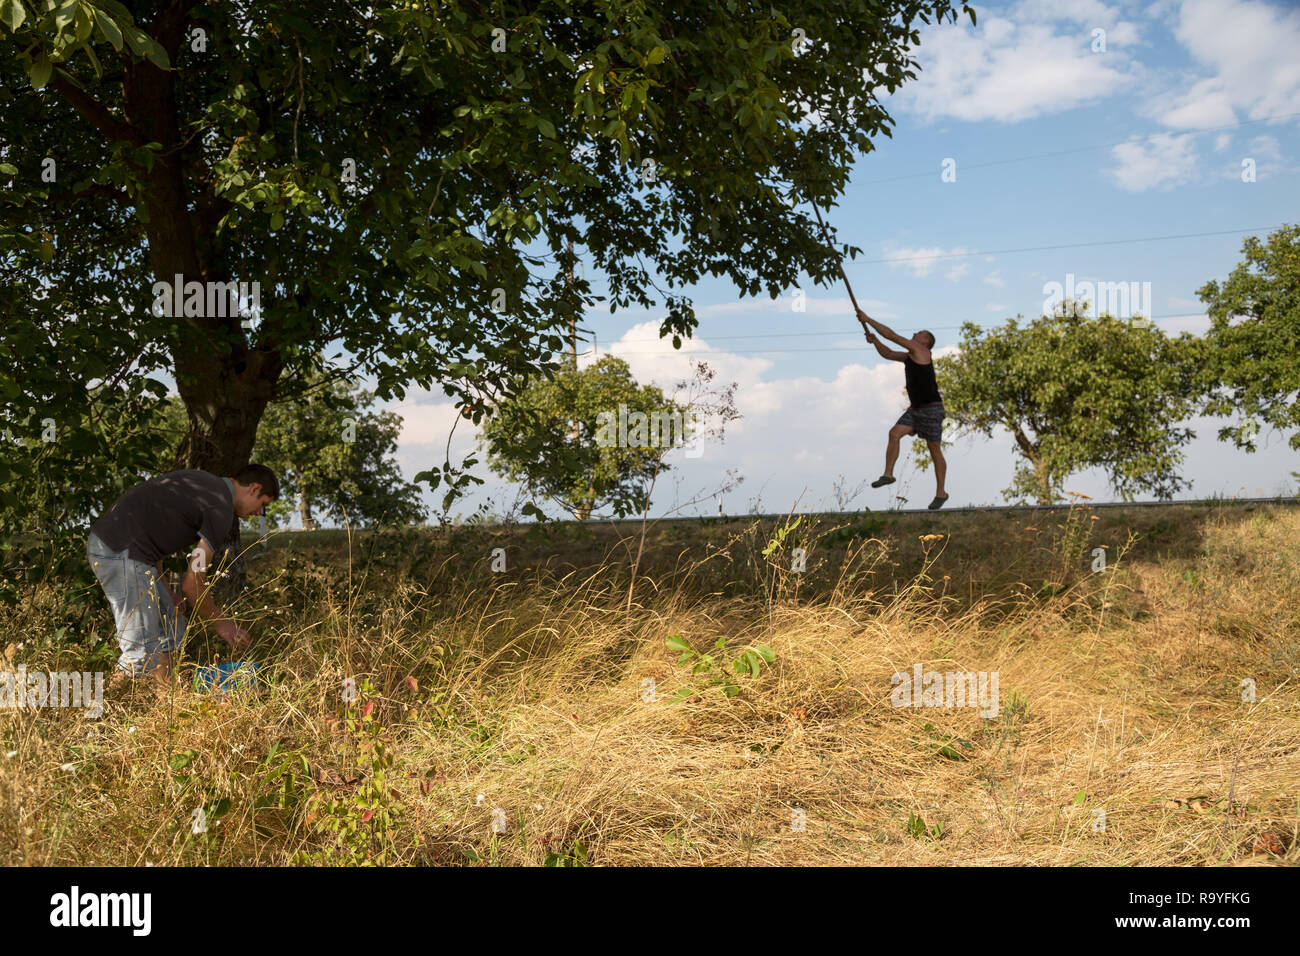 30.08.2016, Olanesti, Rajon Stefan Voda, Republik Moldau - Junge Maenner ernten Wallnuesse an einer Landstrasse. Alleen mit Walnussbaeumen sind ein ty - Stock Image